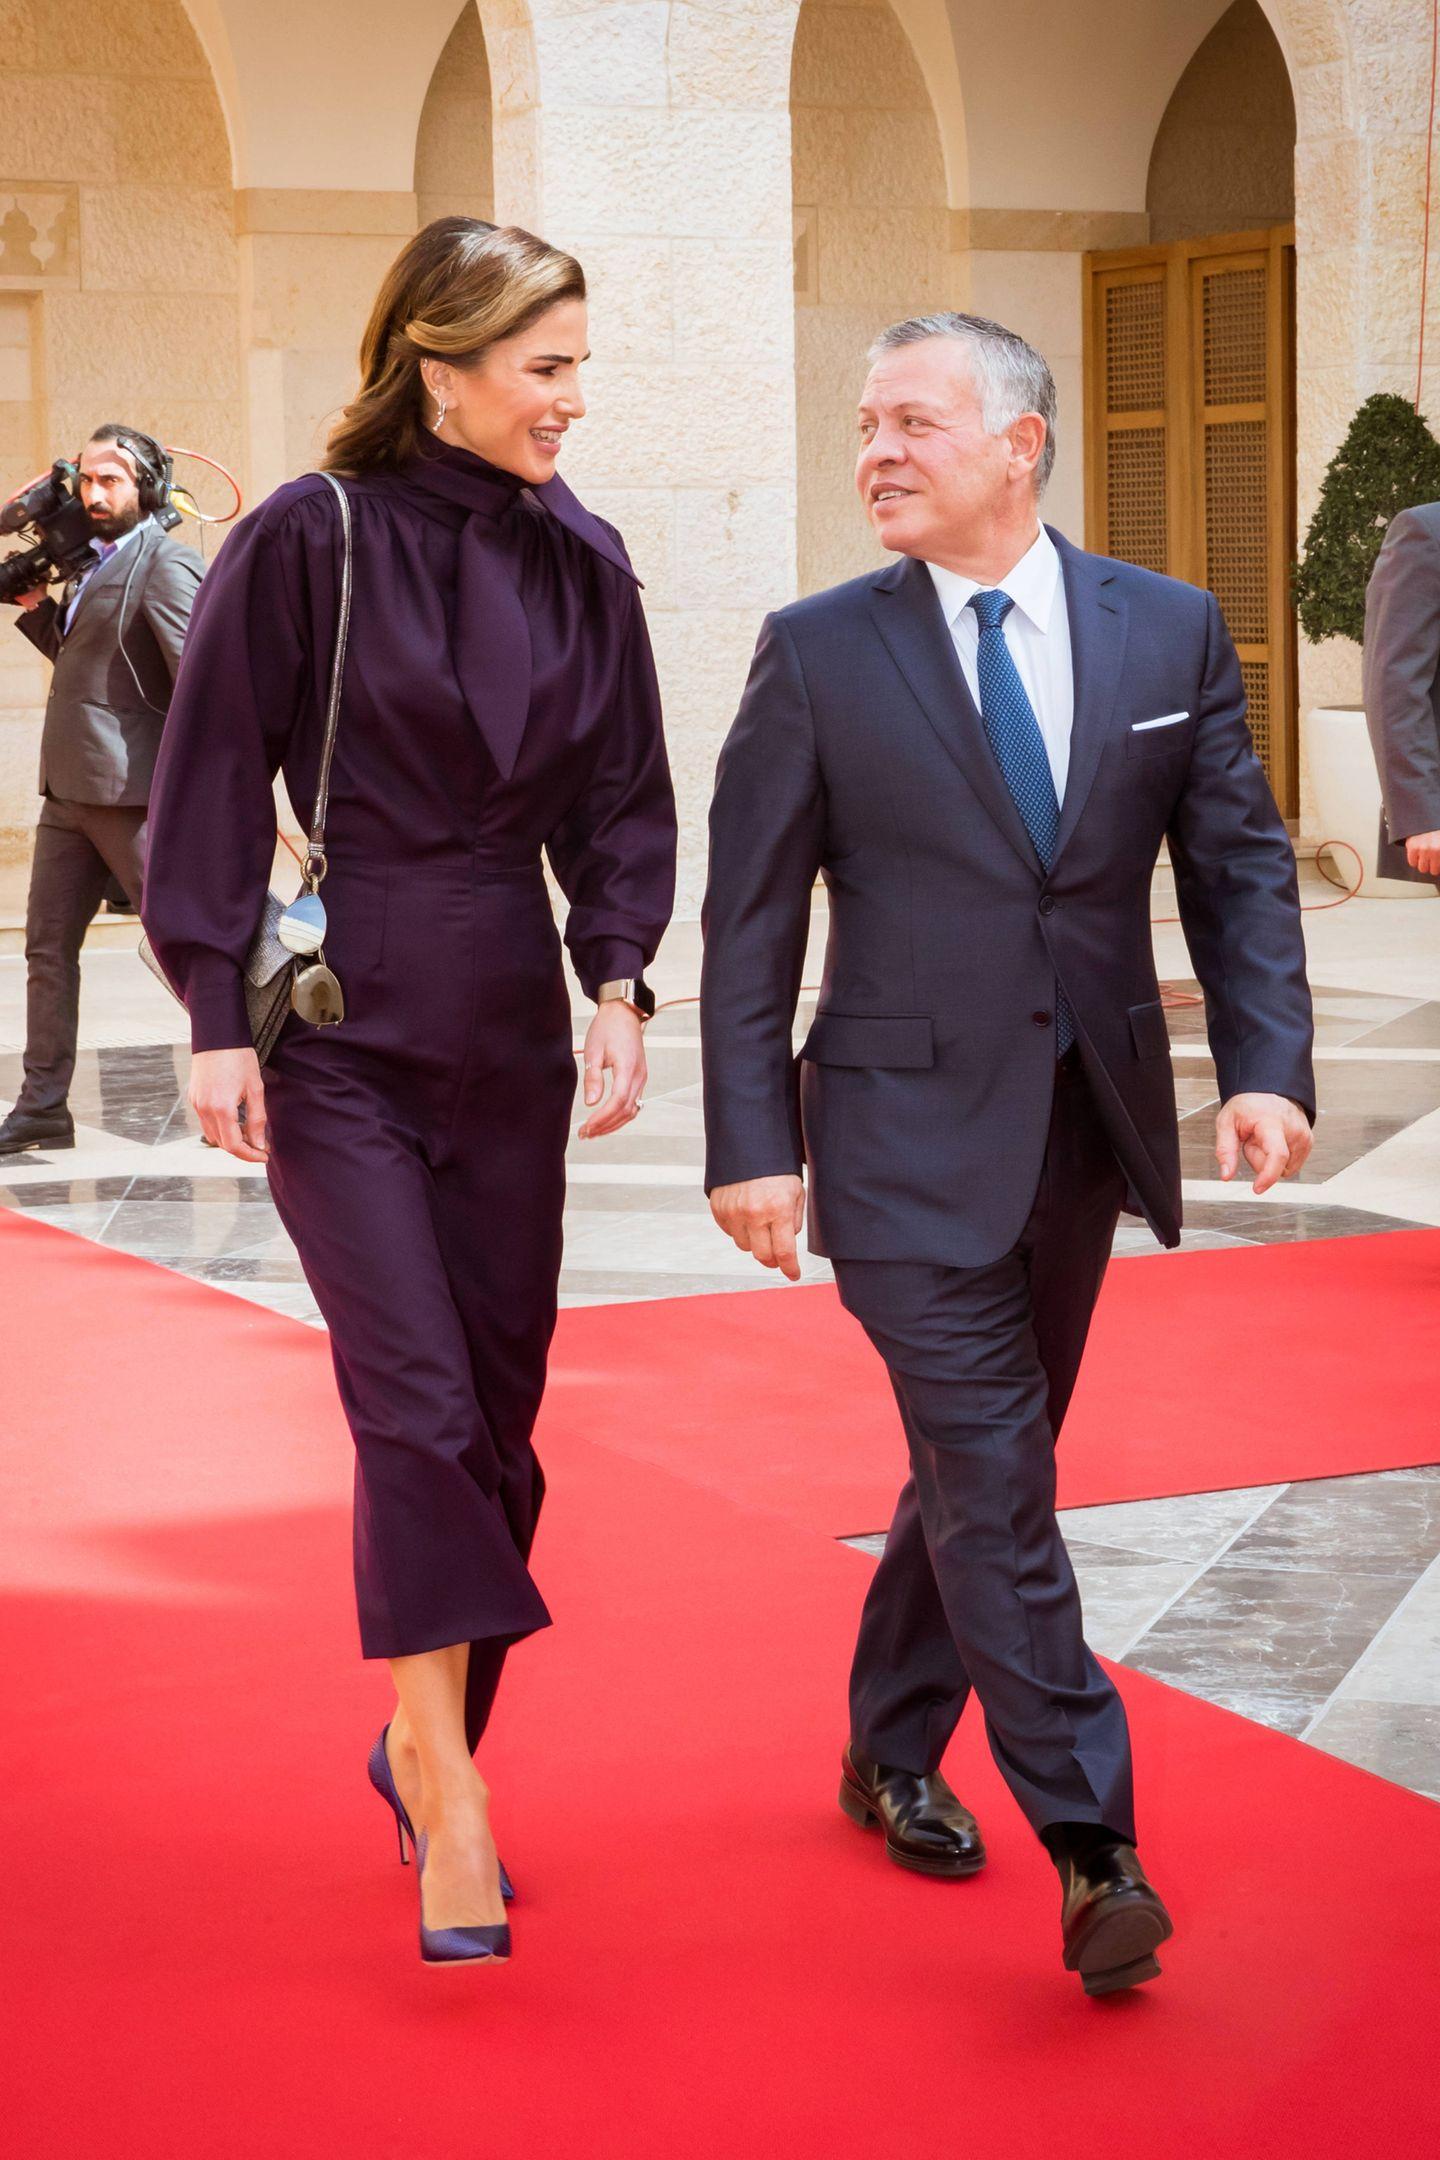 Königin Raniabeim Empfang des Präsidenten von Mazedonienim Al Husseiniya Palast in Amman, an der Seite ihres Ehemanns KönigAbdullah. Ihr Outfit ist wie immer makellos, wirft allerdings eine Frage auf ...